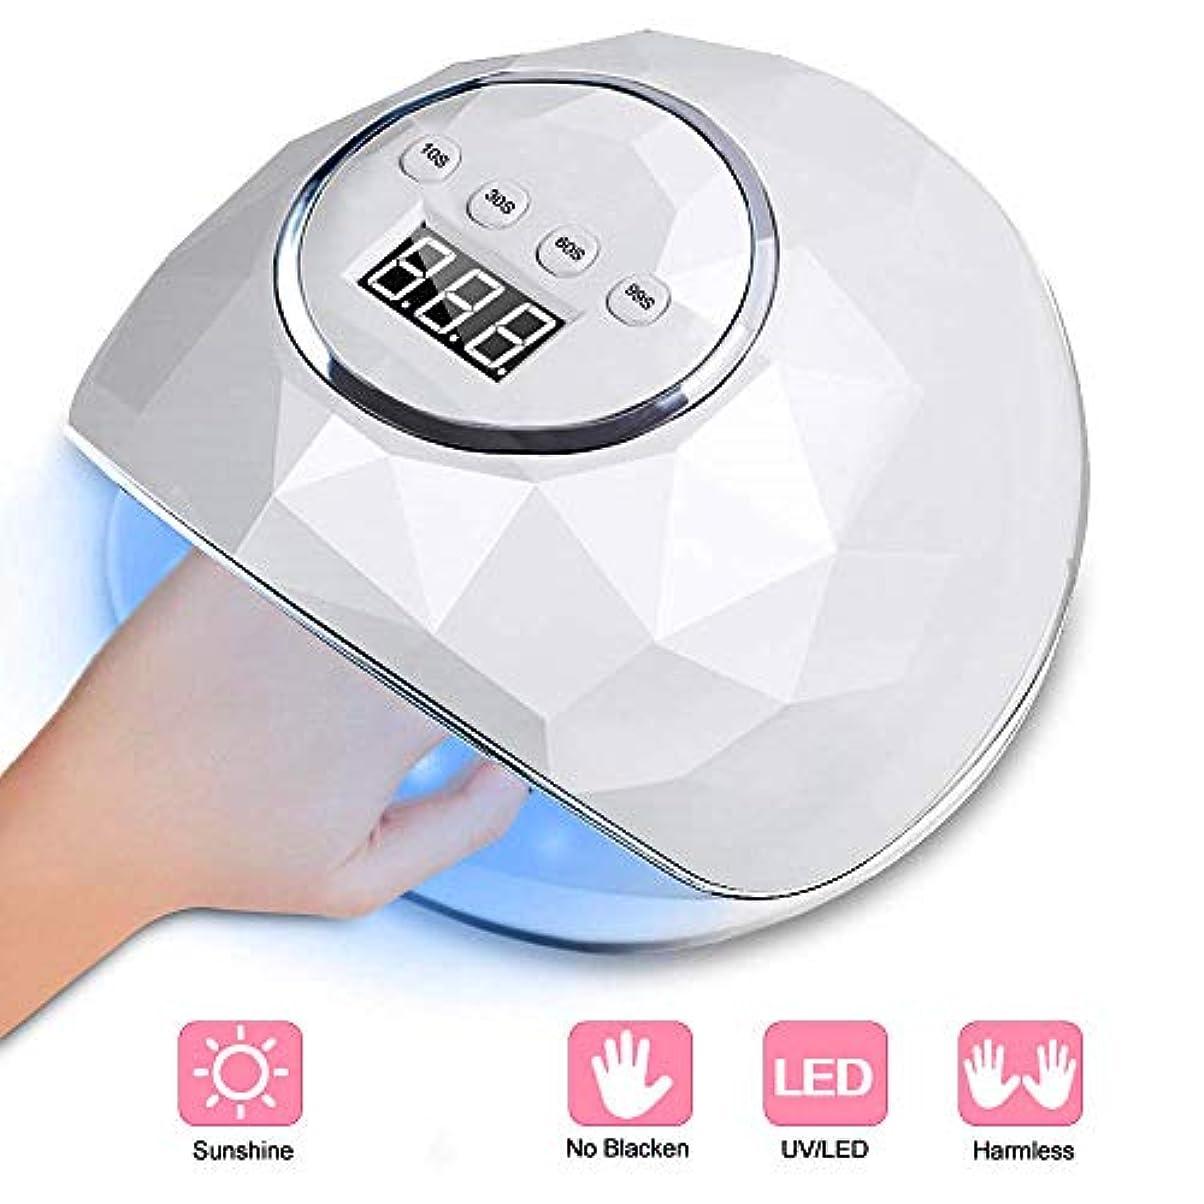 差別化する穏やかな息切れ紫外線ジェルネイル光線療法ランプ72Wスマート誘導マニキュアランプマニキュアマシンでジェルネイルポリッシュキット